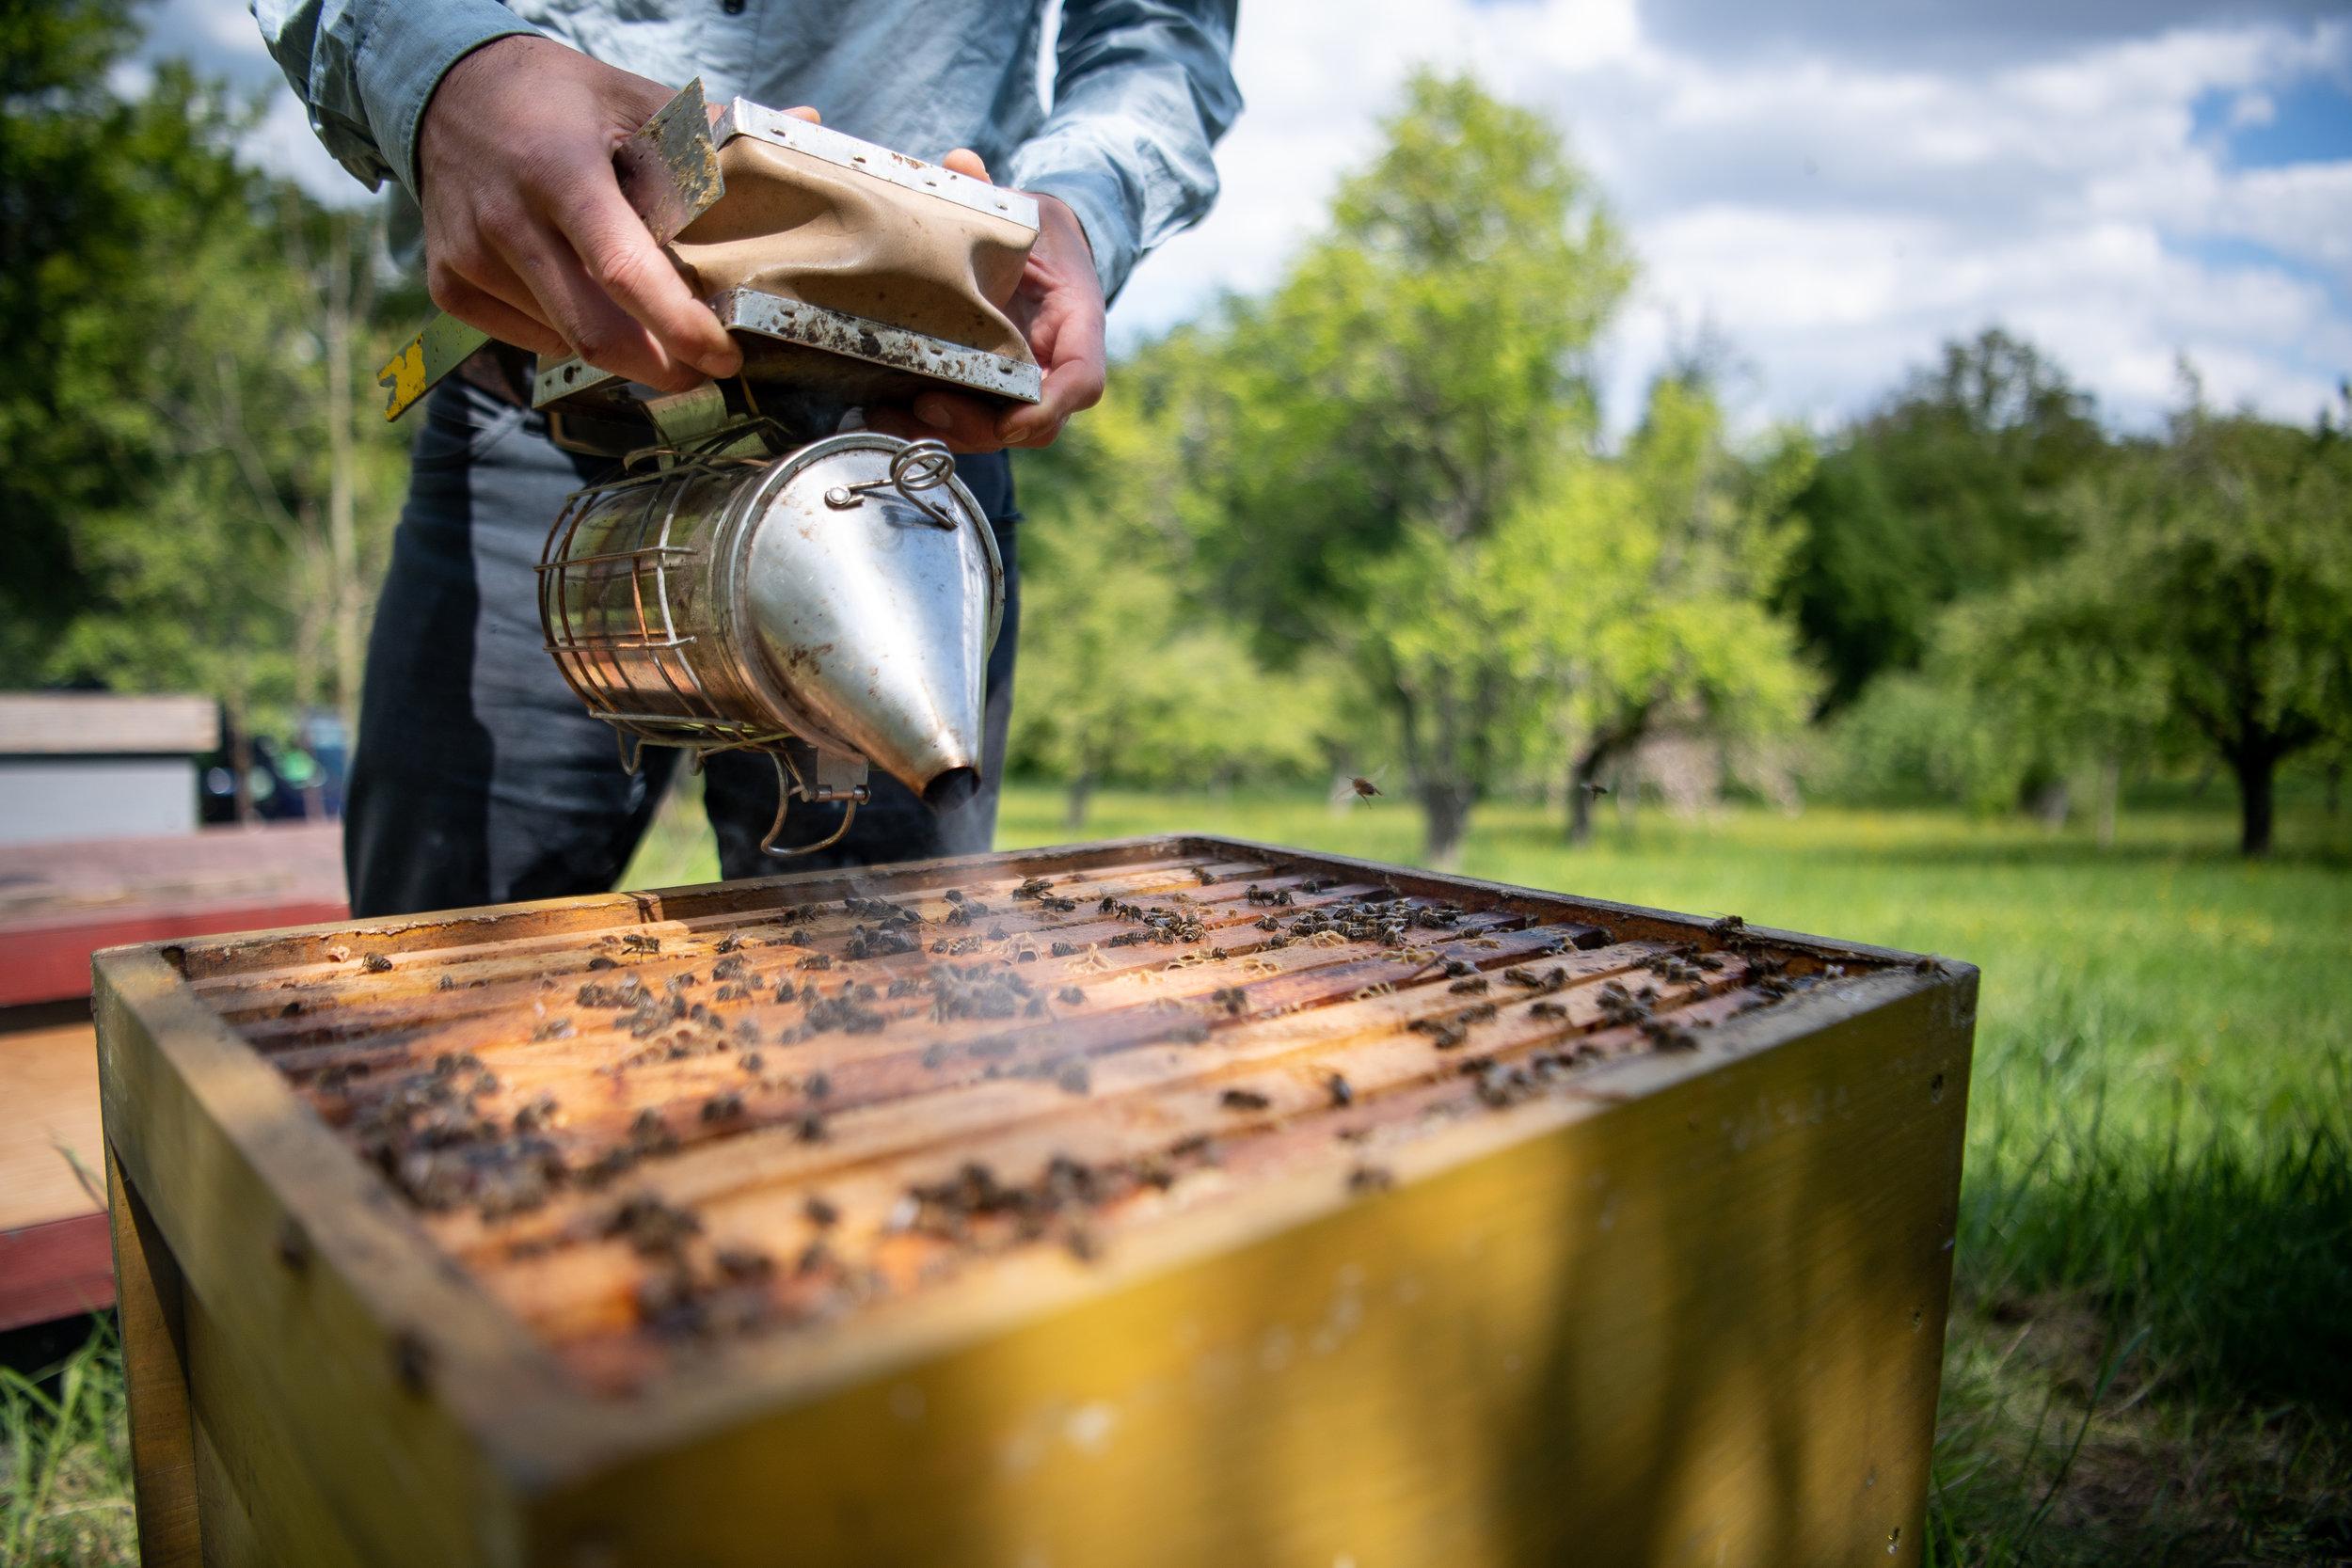 Gerstmaier bringt mit der Organisation ProBiene ein Volksbegehren nach Baden-Württemberg, dass die Bienenbevölkerungen im Land schützen und retten soll.